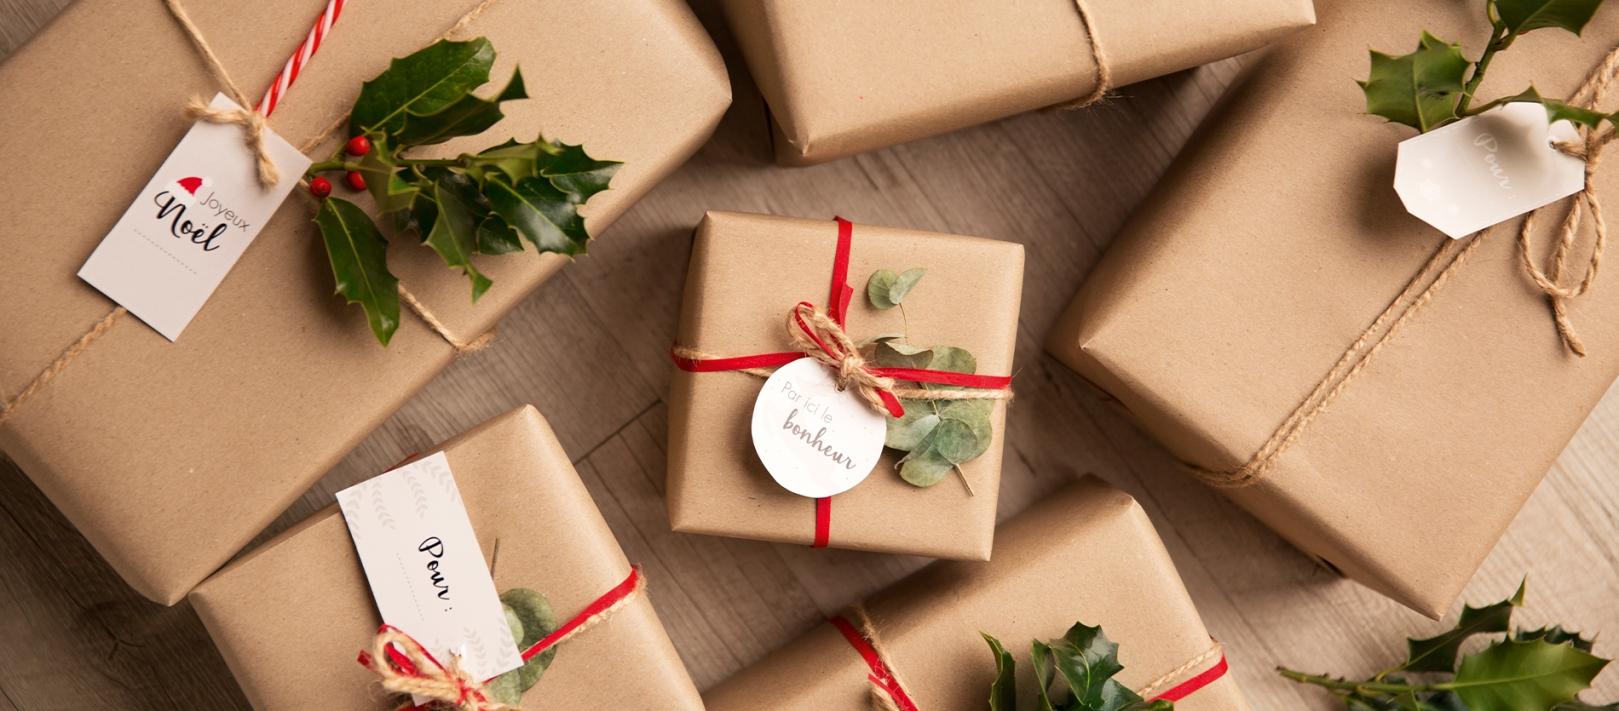 emballages cadeaux faits maison